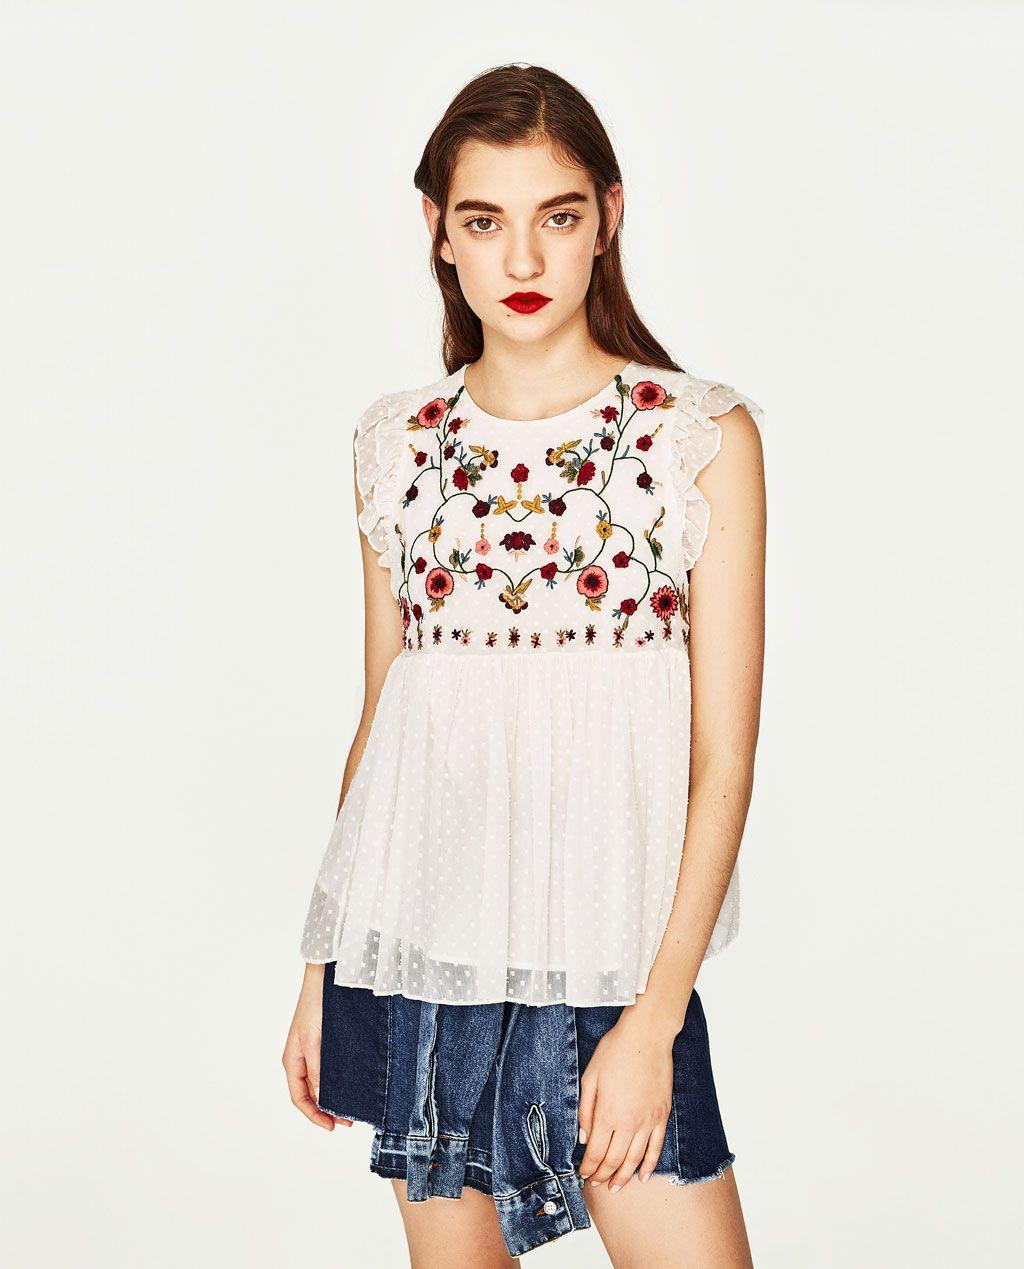 d0dd565b7b3 CUERPO BORDADO   Flower & Fashion   Zara embroidered top, Floral ...